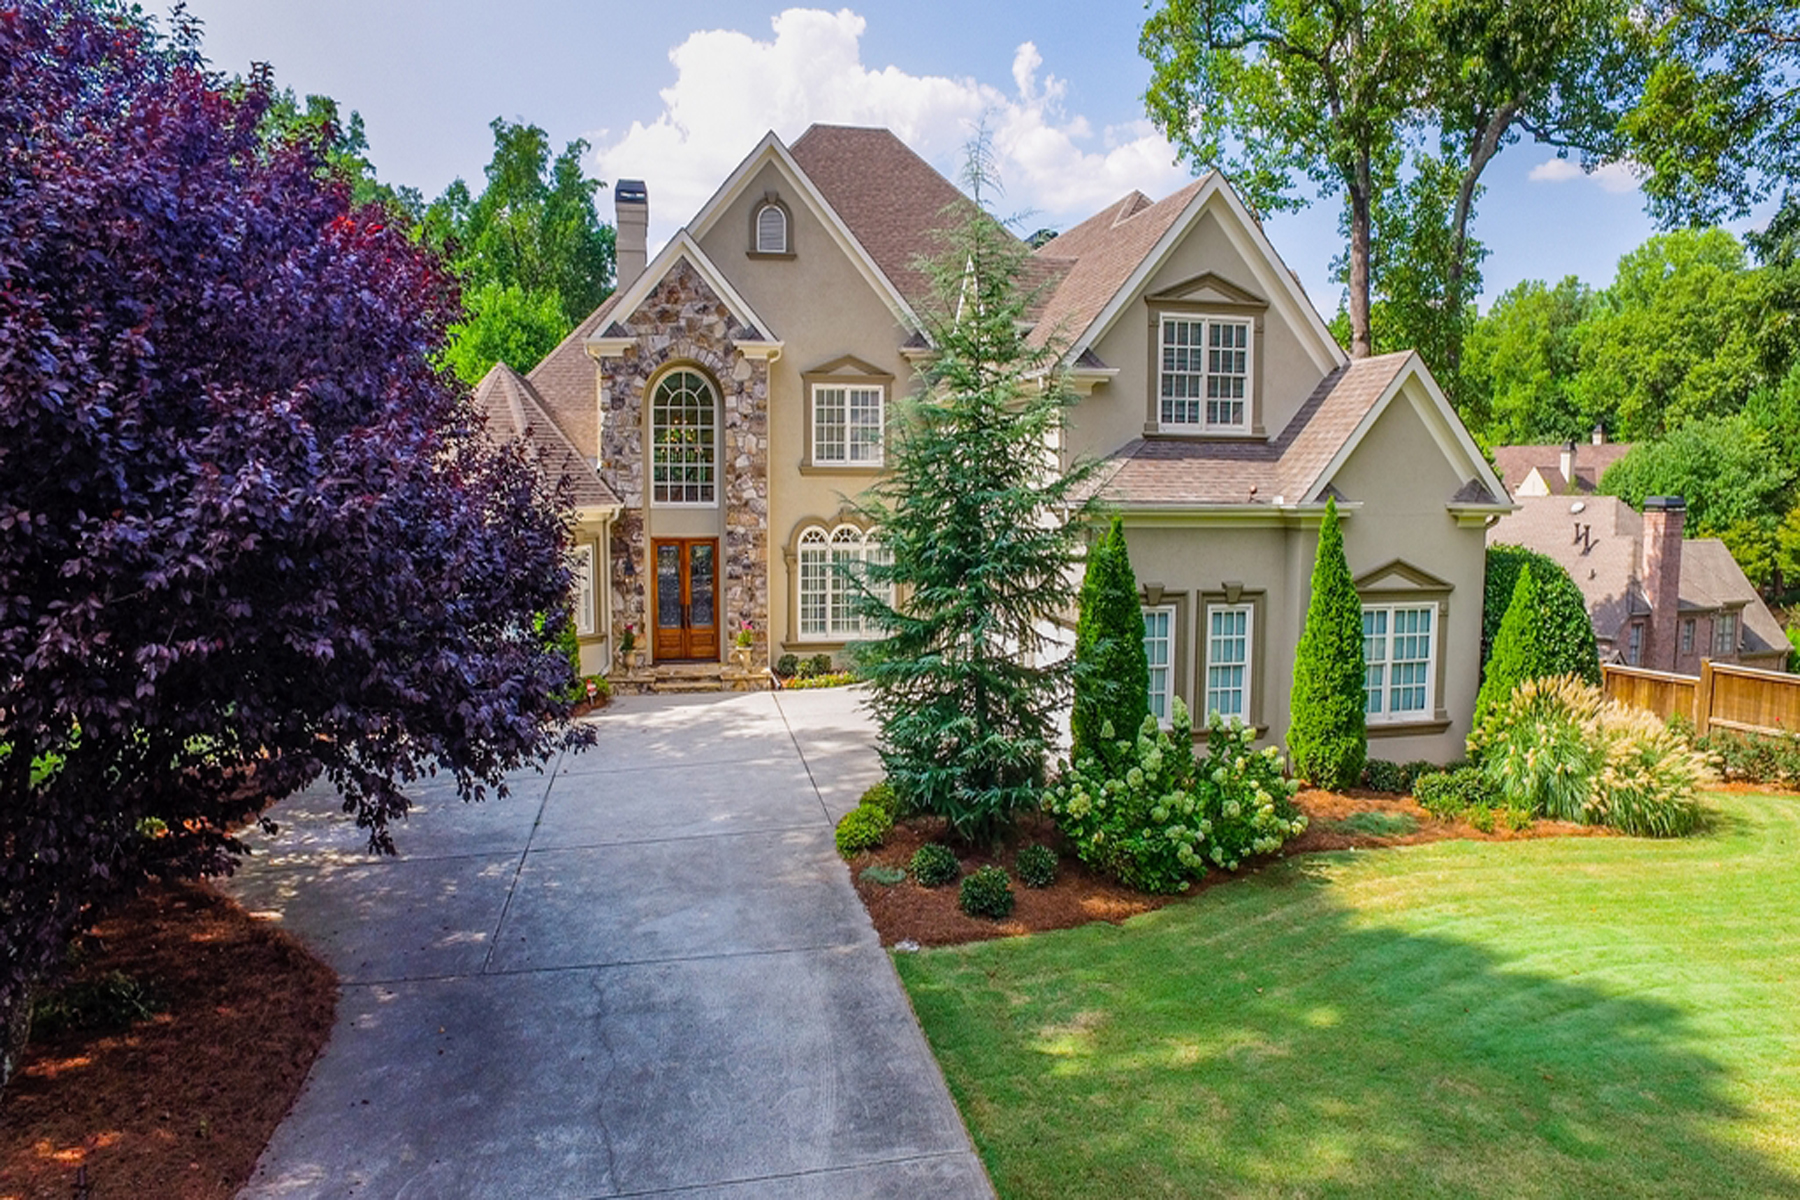 Tek Ailelik Ev için Satış at Sandy Springs Home On 1.43 Acres With Finished Basement And Pool 385 Mount Paran Road Atlanta, Georgia, 30327 Amerika Birleşik Devletleri